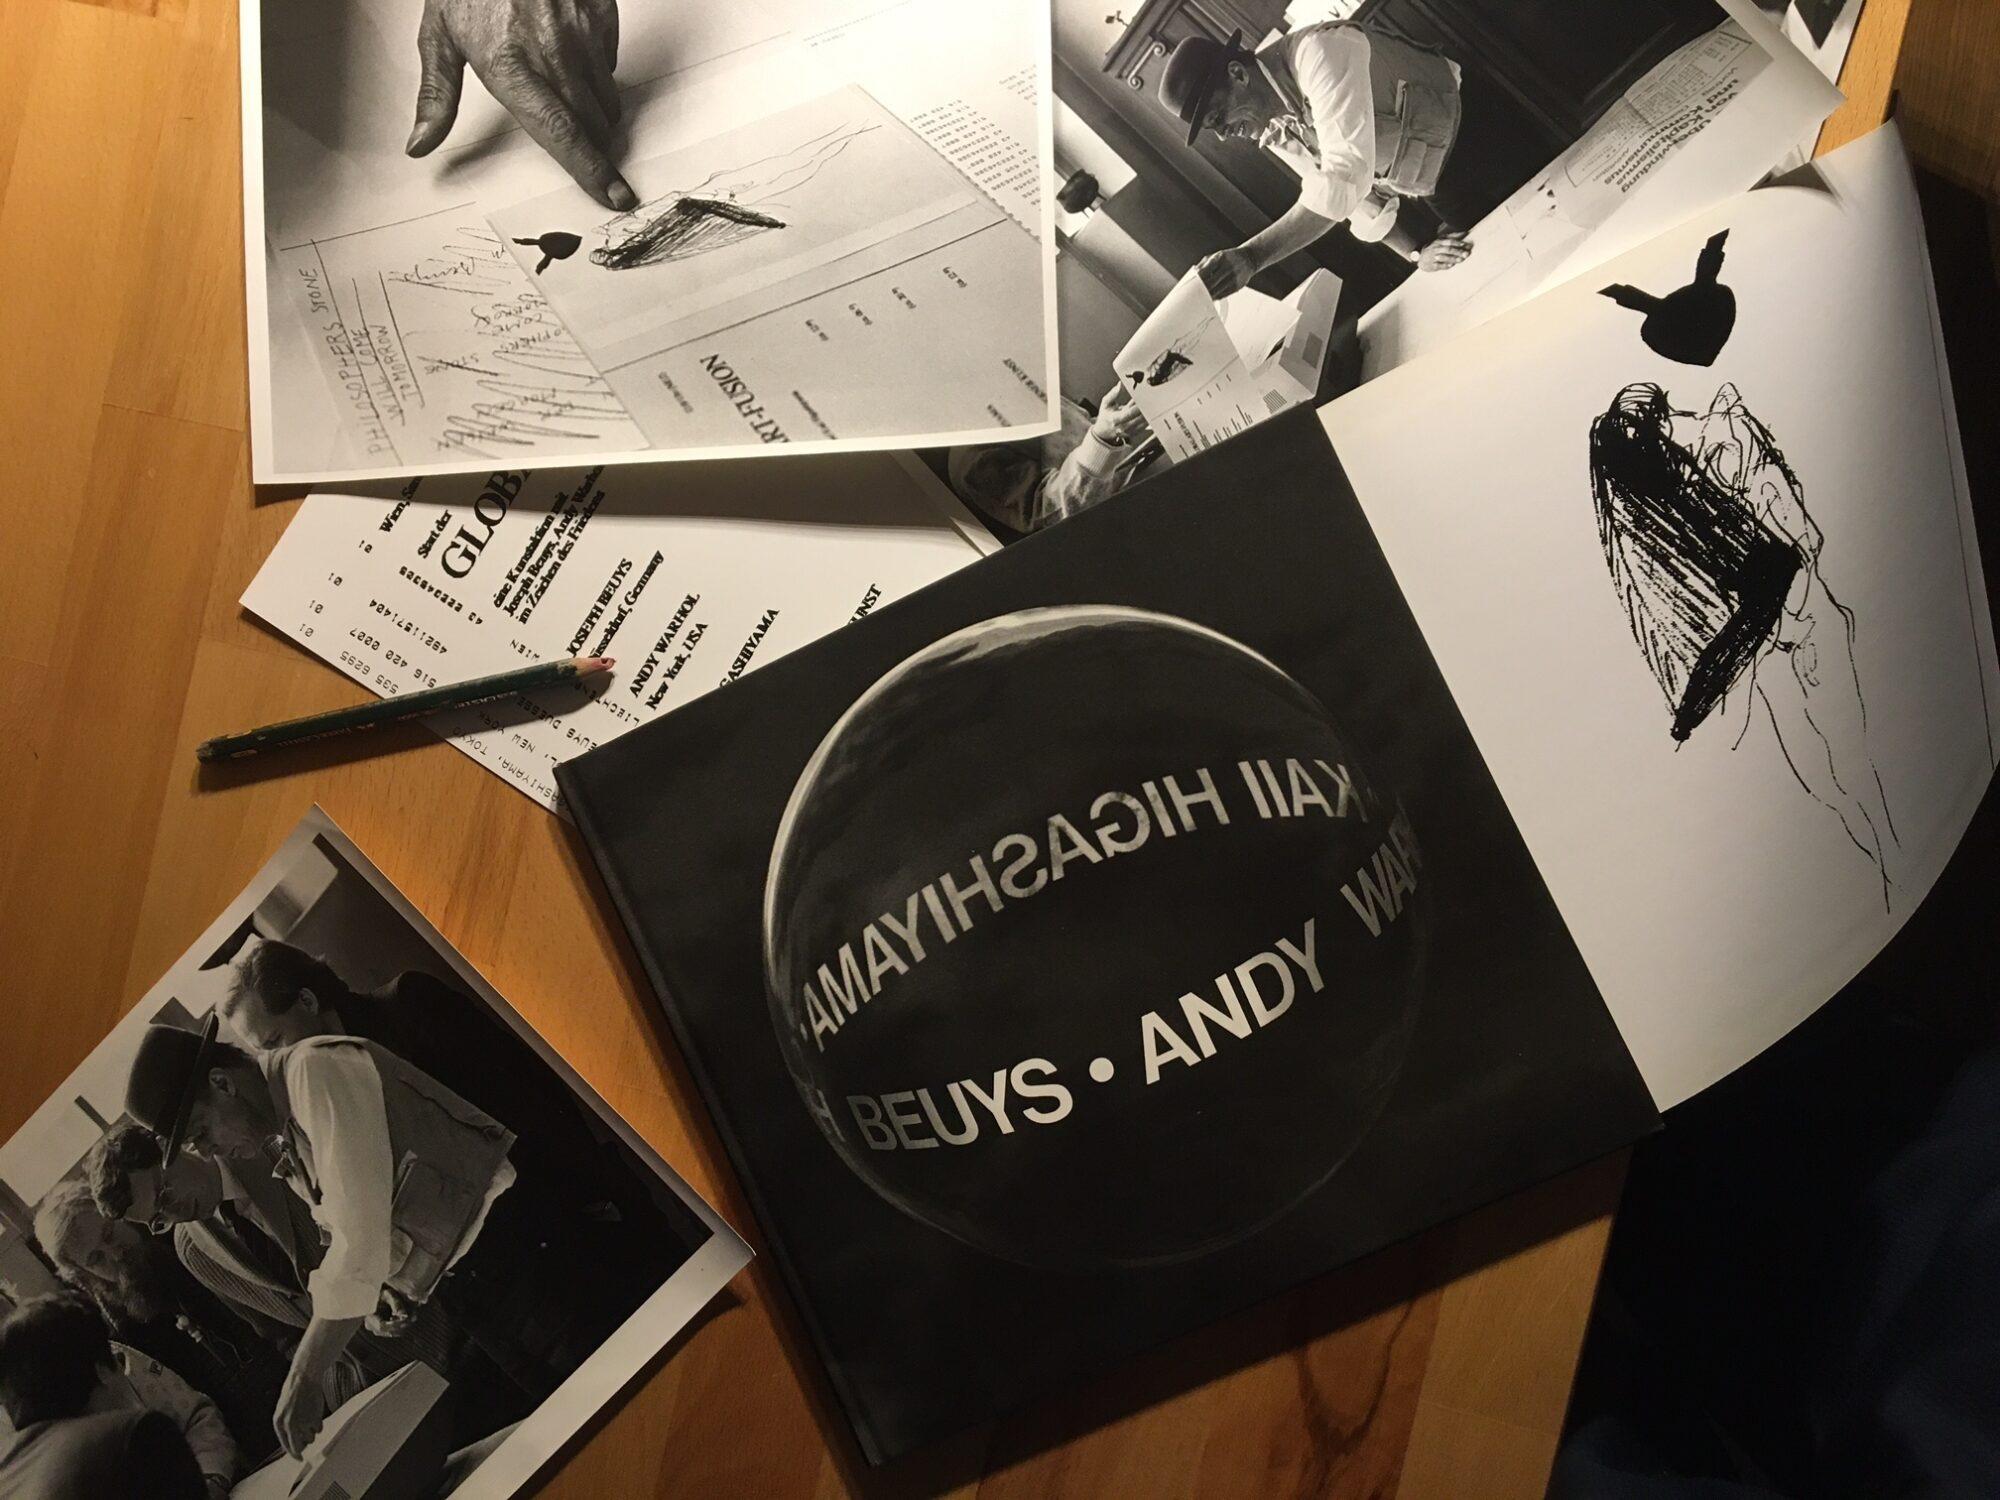 Beuys jagt Bild um den Erdball – Das Projekt Global Art Fusion von Ueli Fuchser. Katalog und Fotos der Aktion.